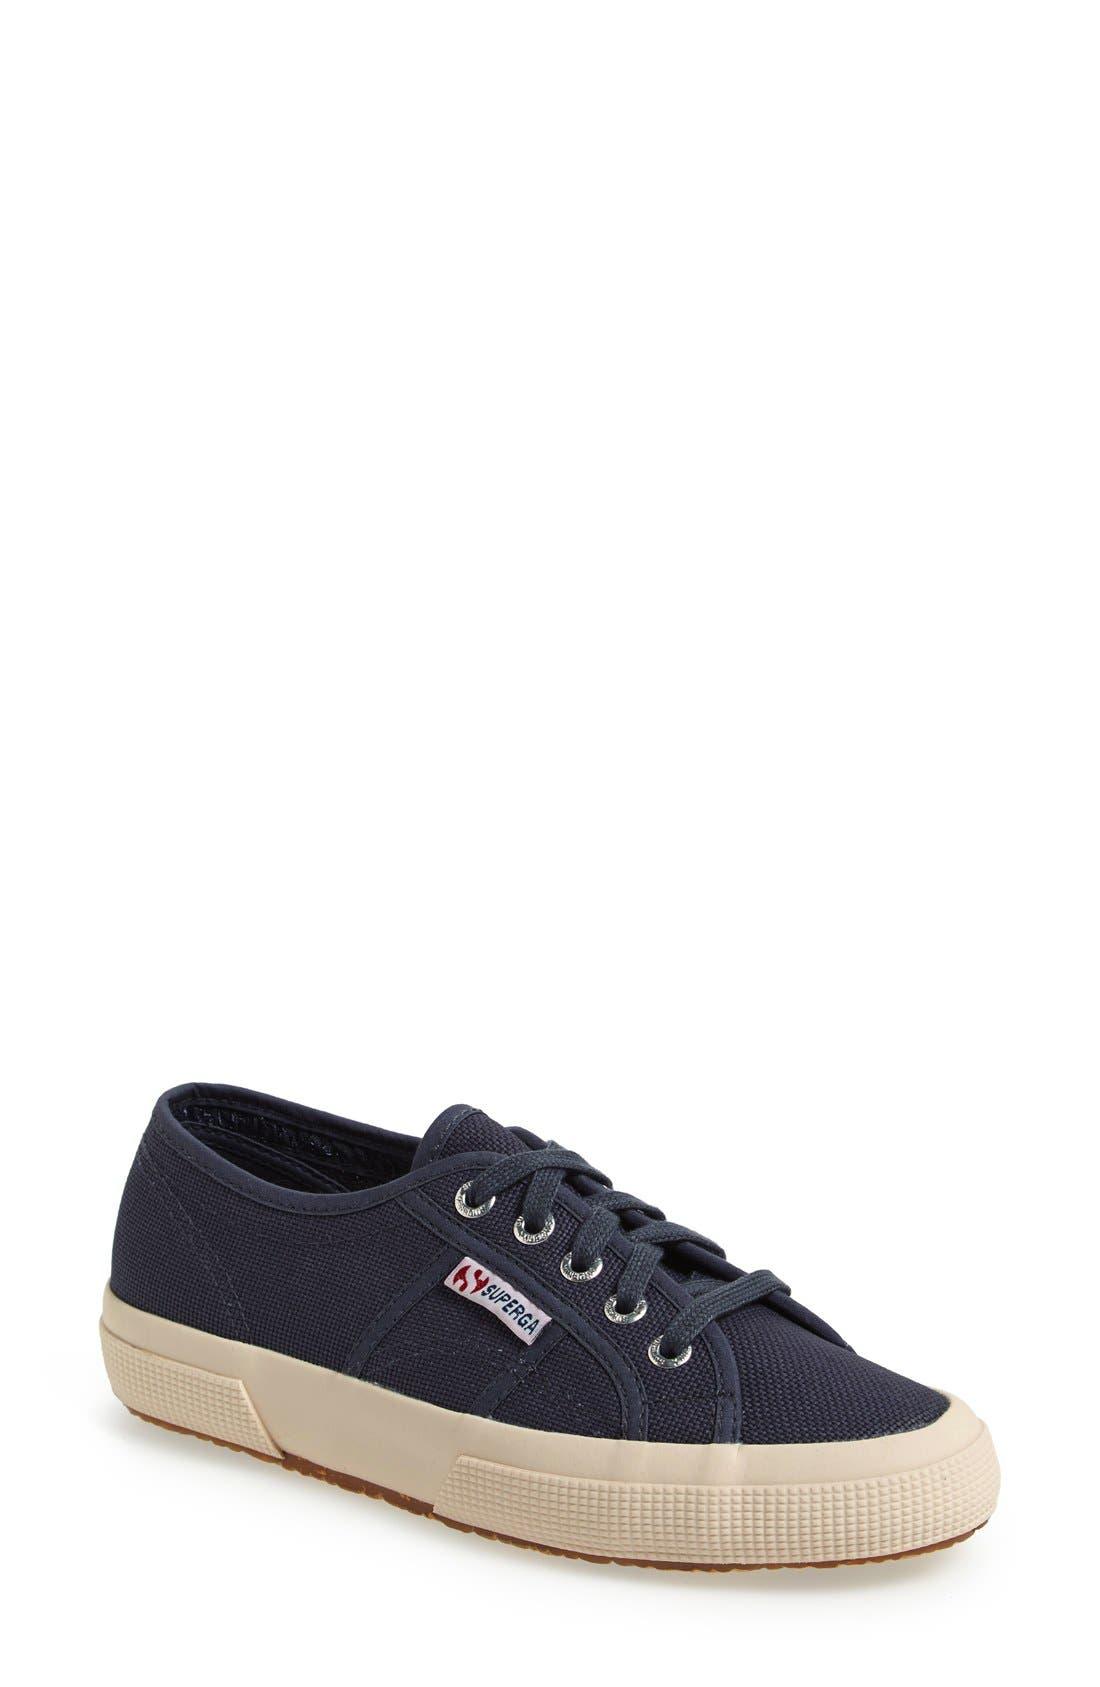 'Cotu' Sneaker,                         Main,                         color, Navy Canvas